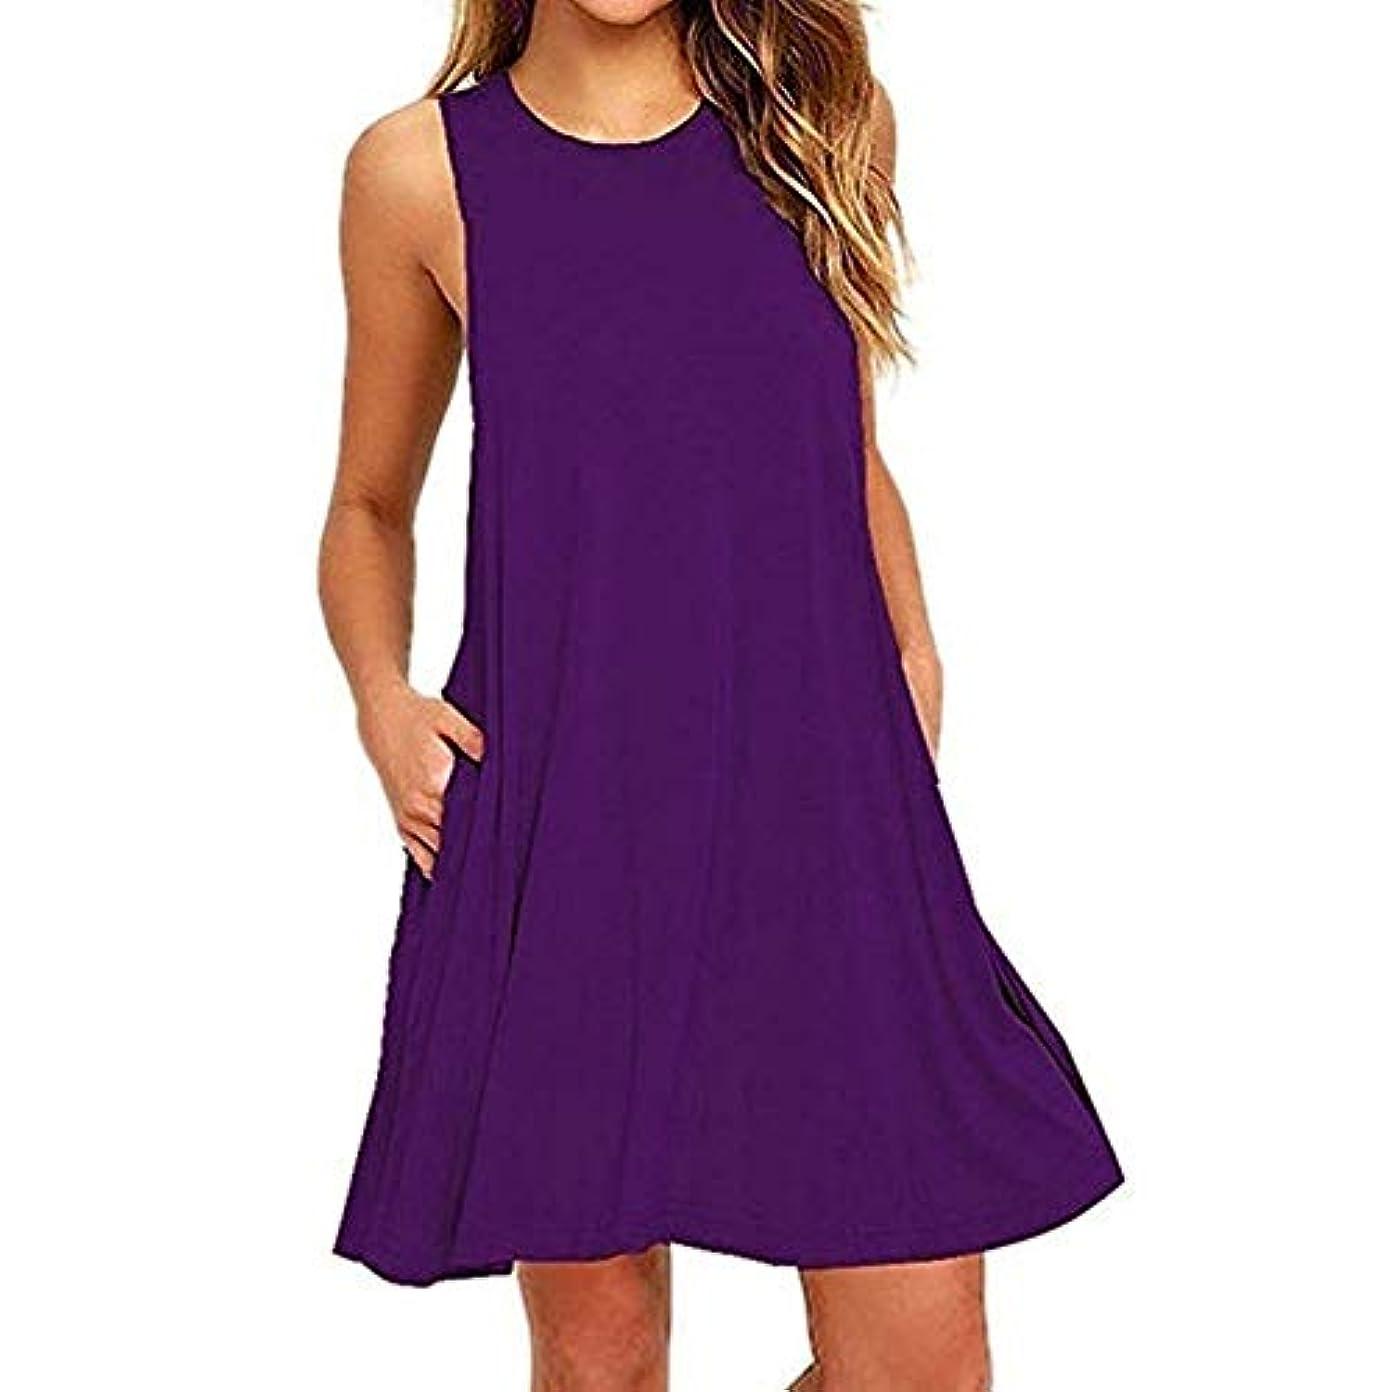 ご注意一握り柔らかいMIFAN 人の女性のドレス、プラスサイズのドレス、ノースリーブのドレス、ミニドレス、ホルタードレス、コットンドレス